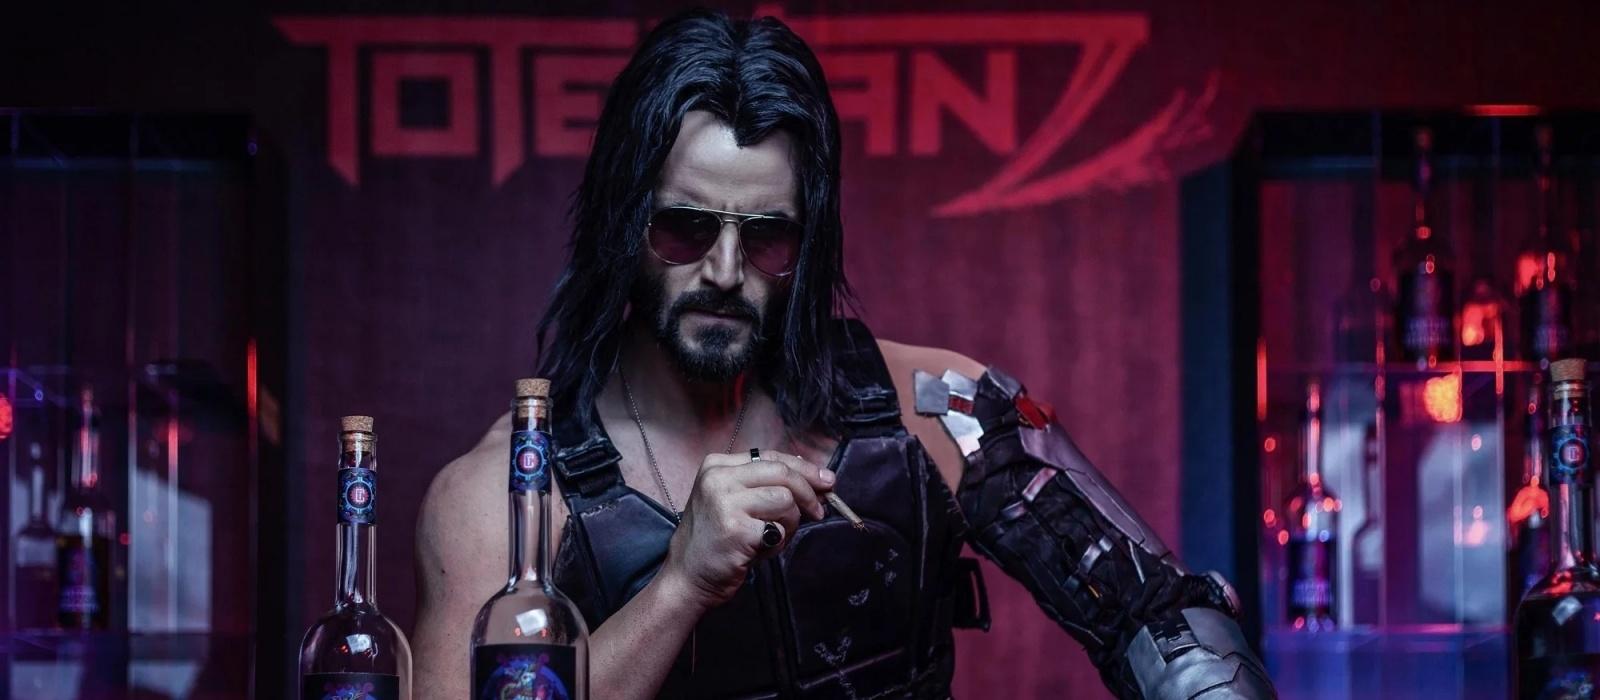 Cyberpunk 2077: Как включить русскую озвучку (или другие языки) в Steam